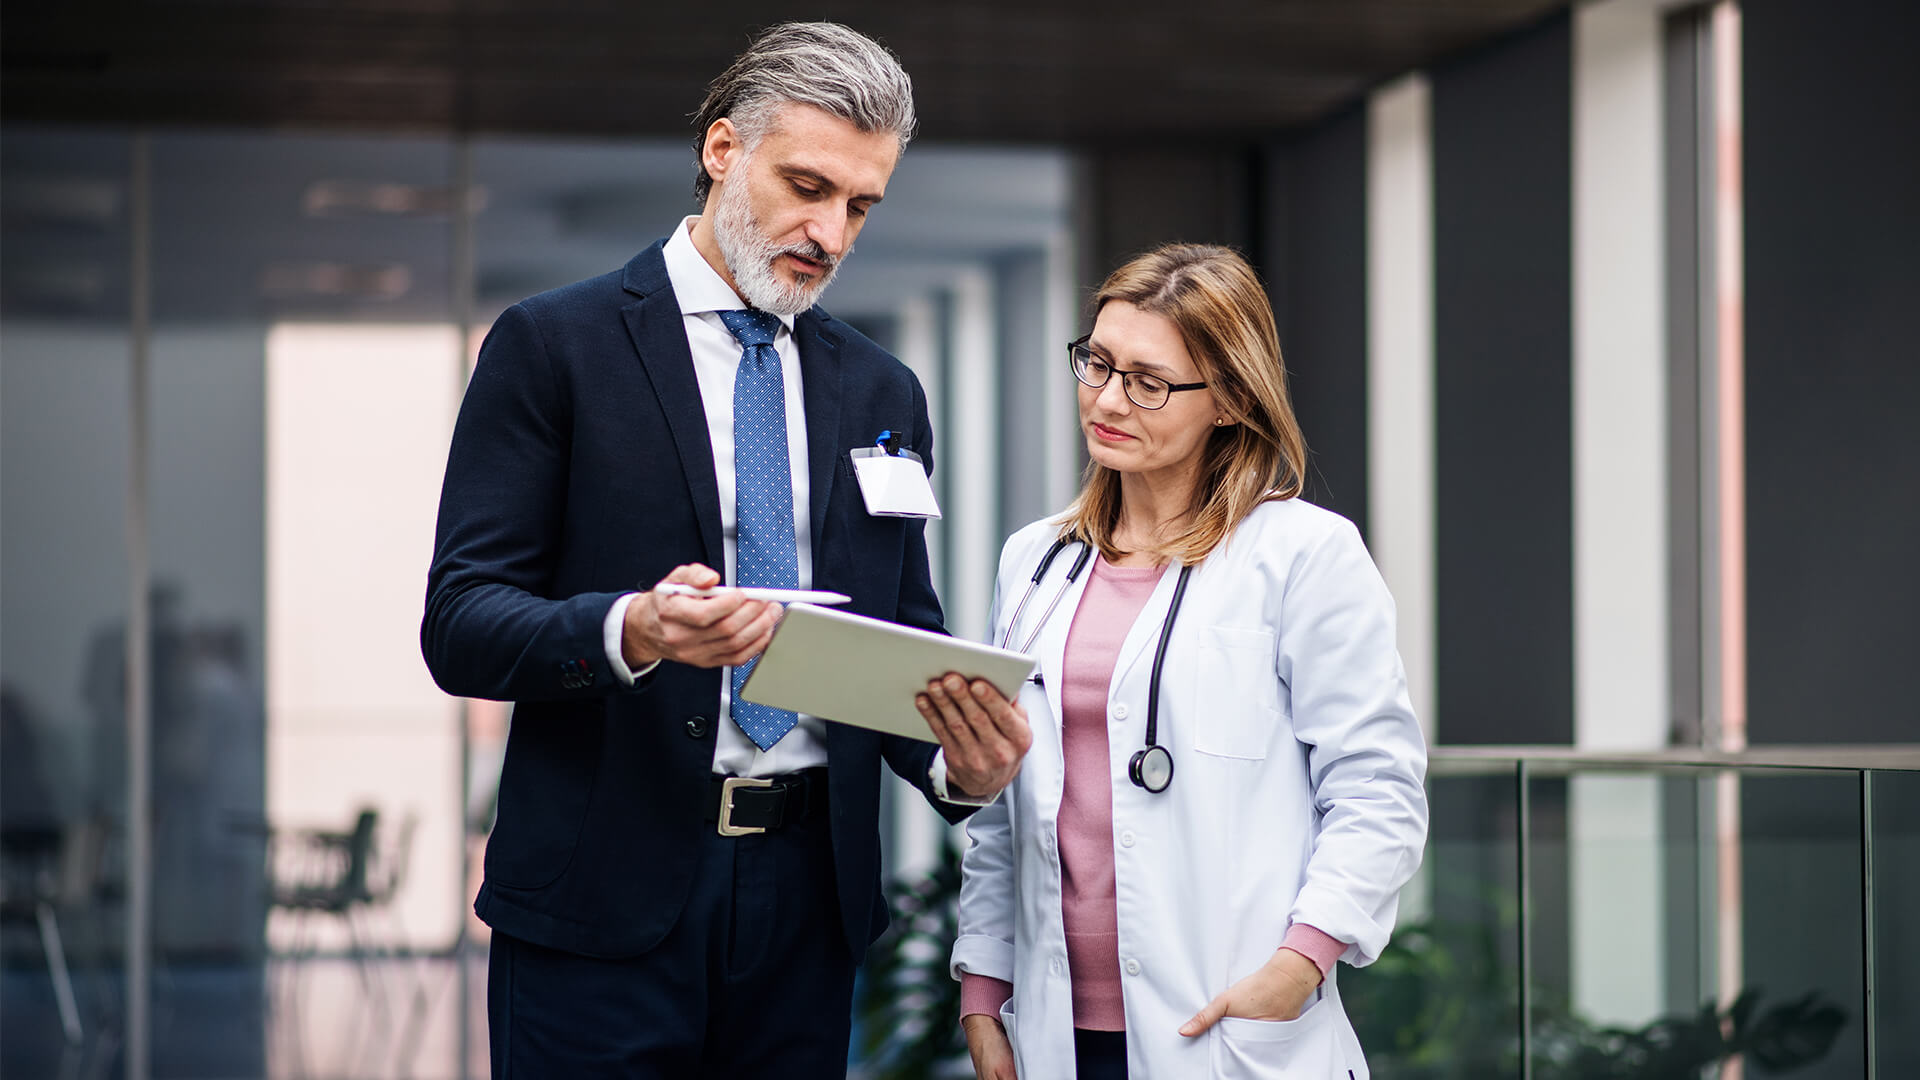 Dofinansowanie NFZ - Lekarka rozmawiająca z przedstawicielem